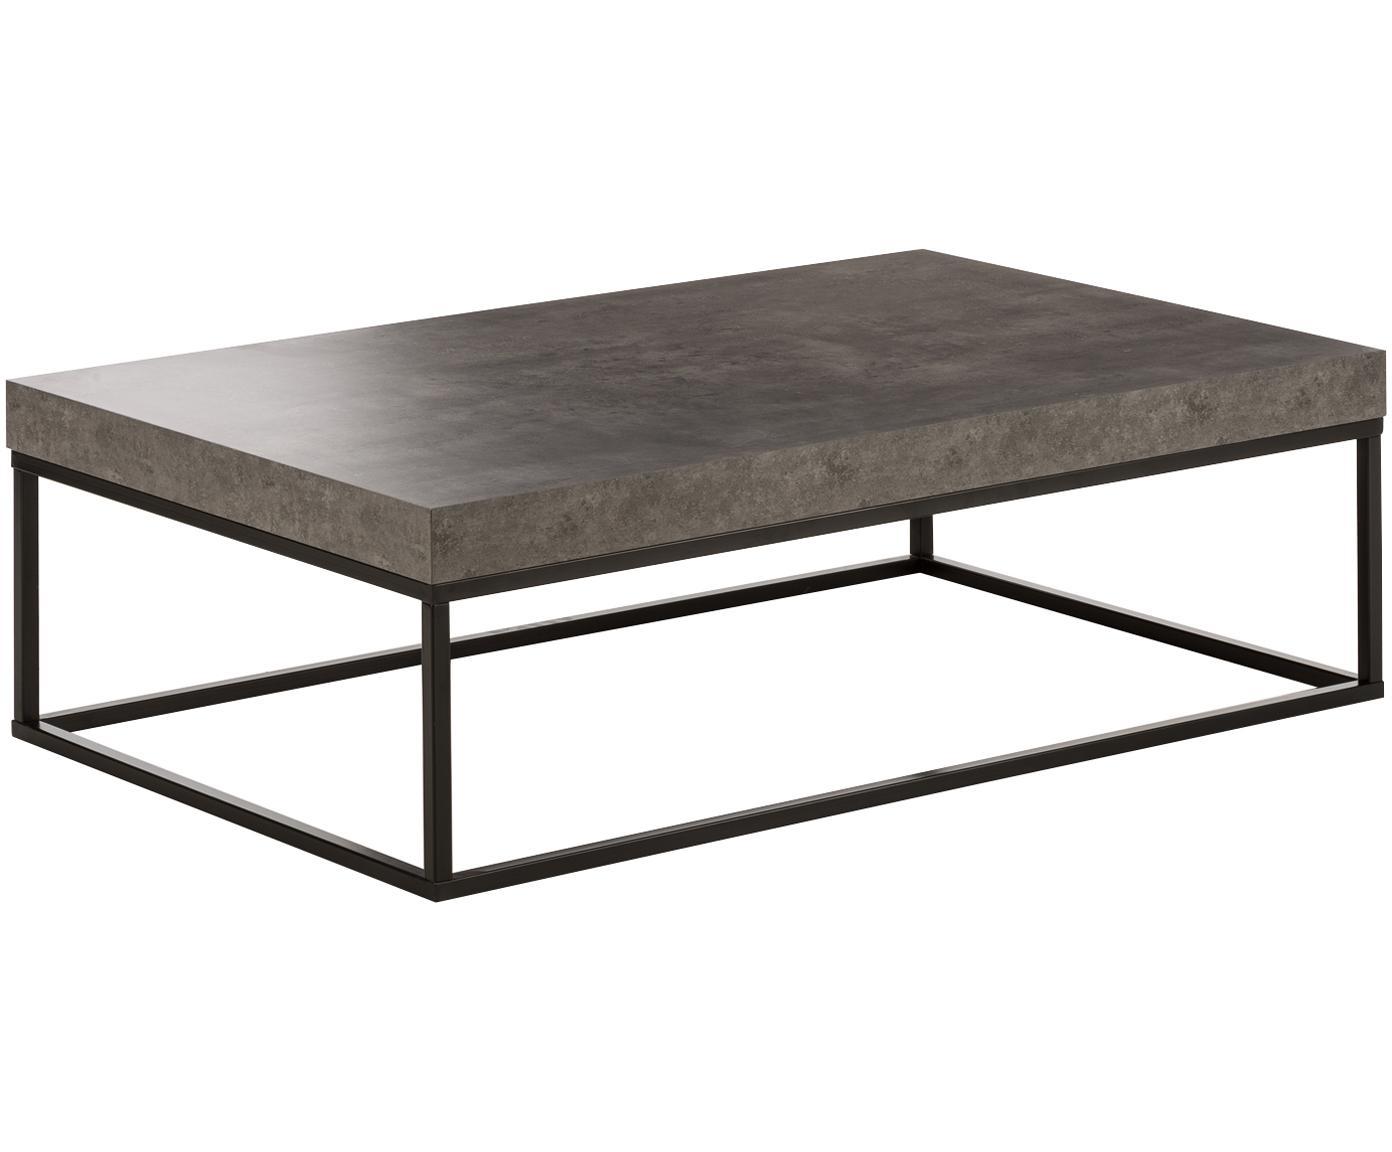 Stolik kawowy Ellis, Stelaż: metal lakierowany, Czarny, odcienie betonowego, S 120 x G 75 cm